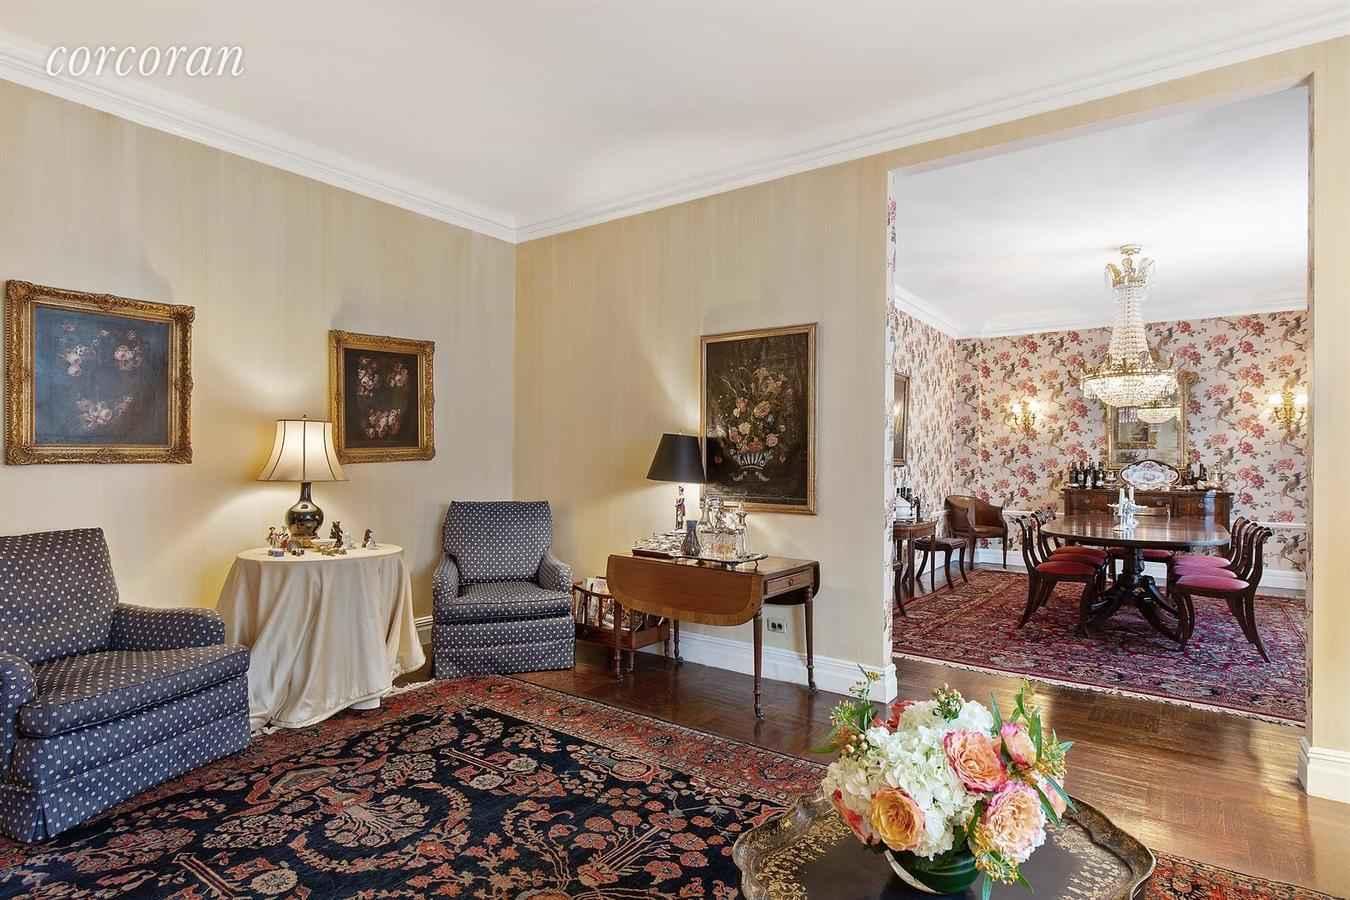 Apartment for sale at 955 Park Avenue, Apt 7E